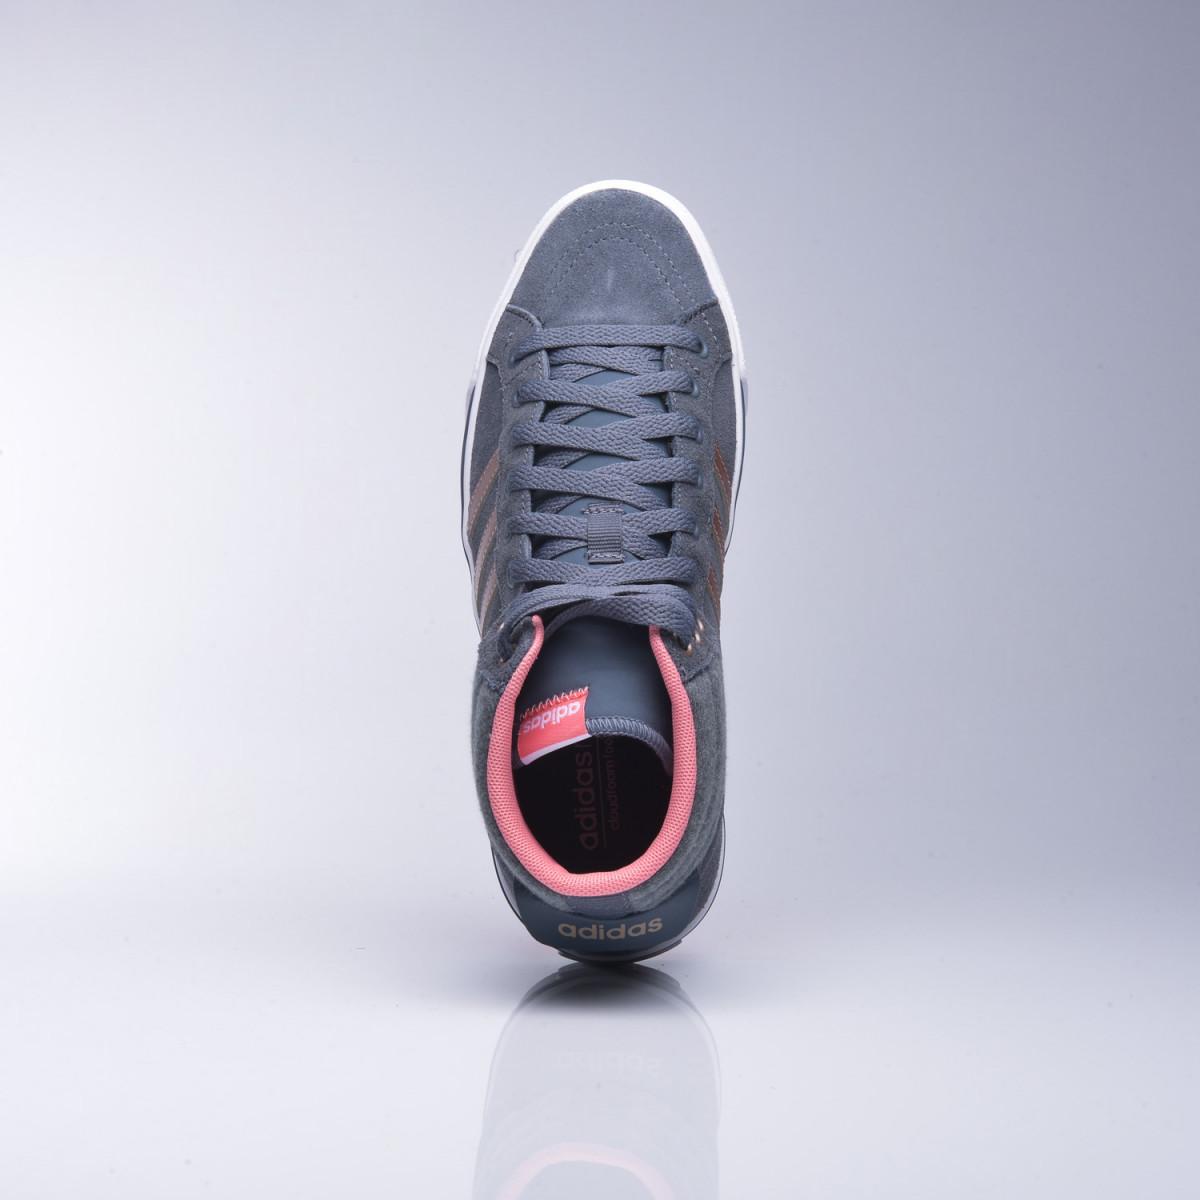 new product 3c3b5 186e7 Zapatillas Adidas Neo Park St Mid